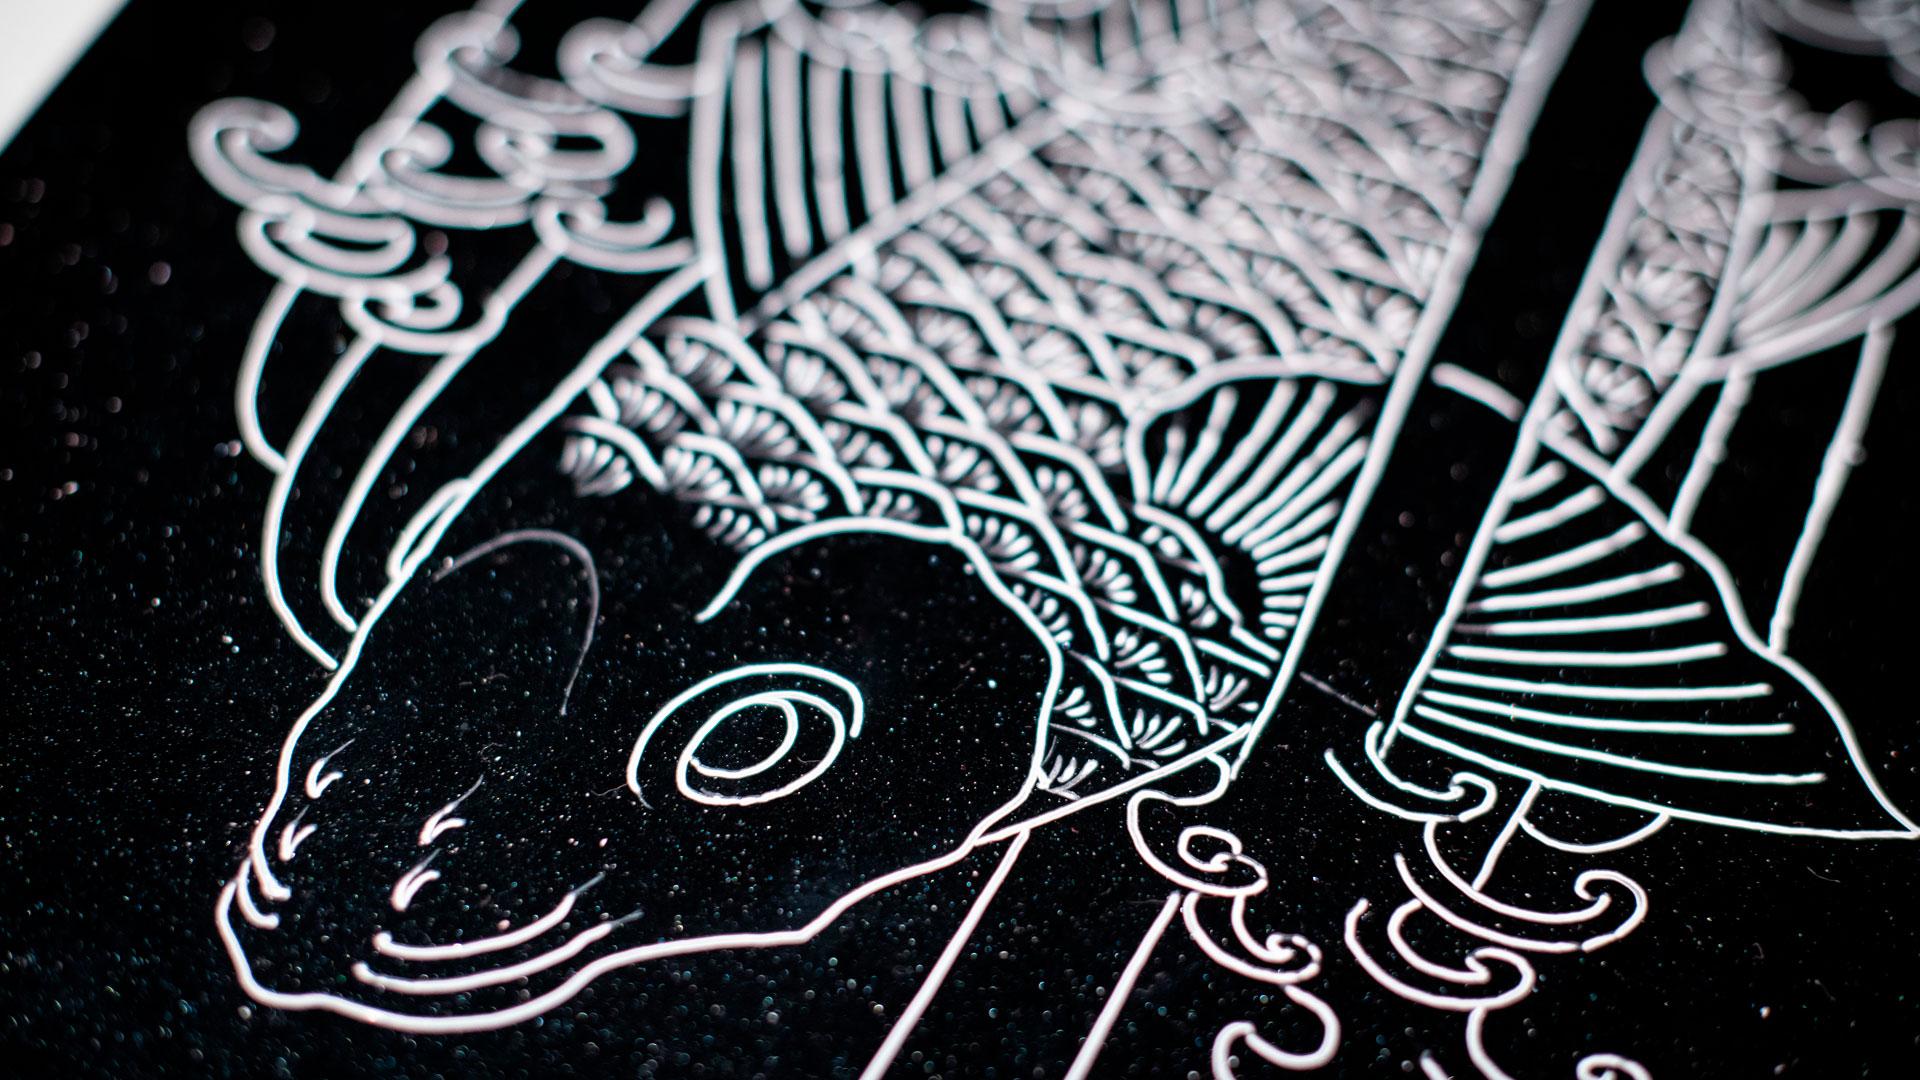 Imagen del UX tatuado en Reino Unido